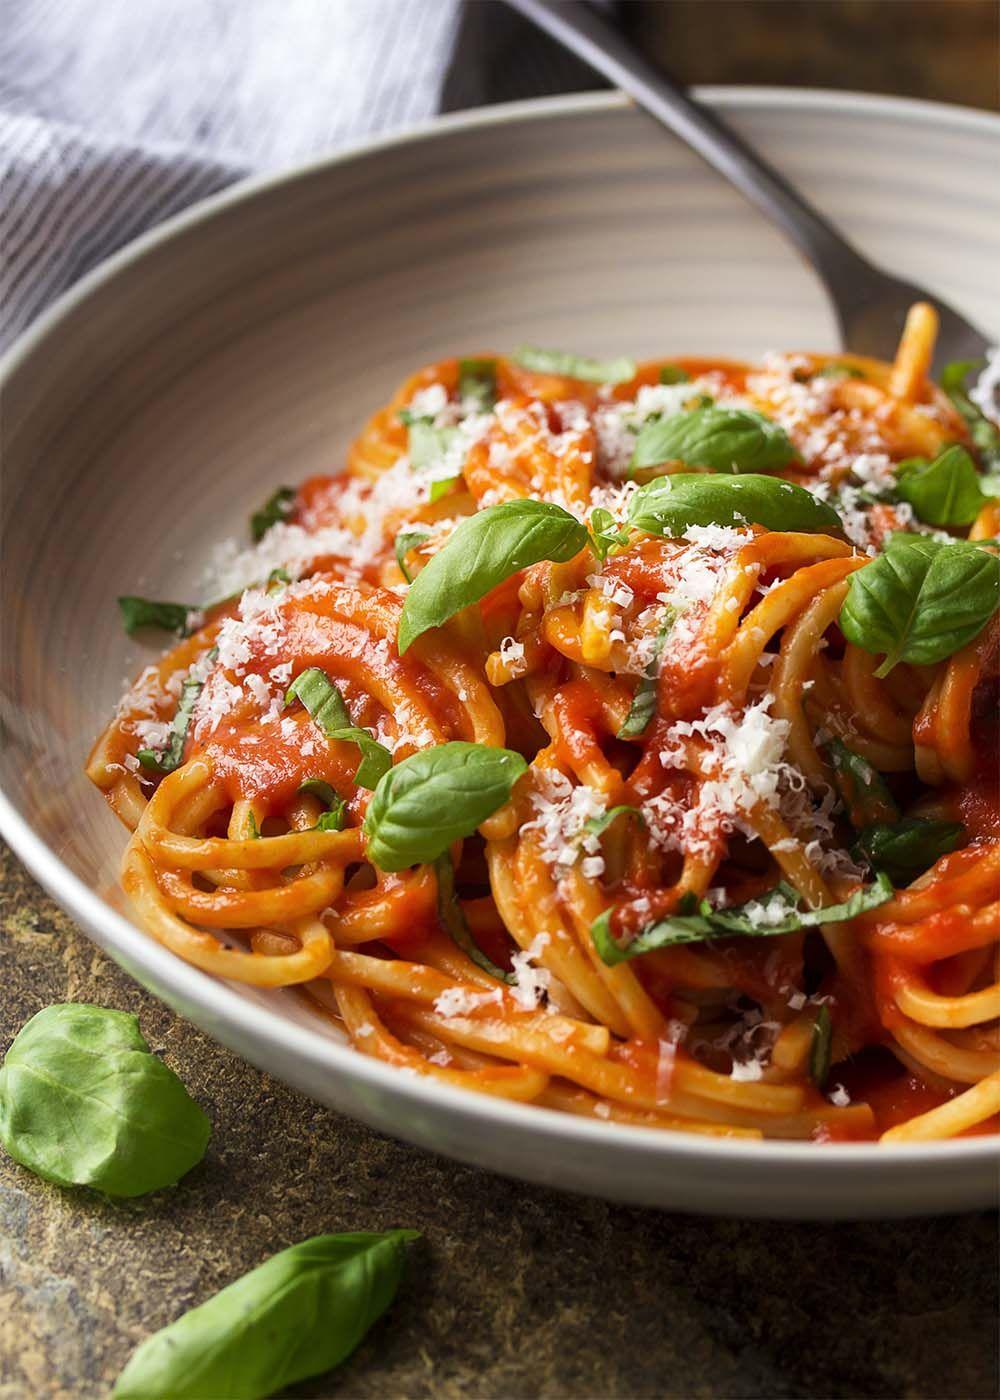 How To Make Italian Pomodoro Sauce Recipe Italian Recipes Easy Tomato Sauce Mediterranean Recipes